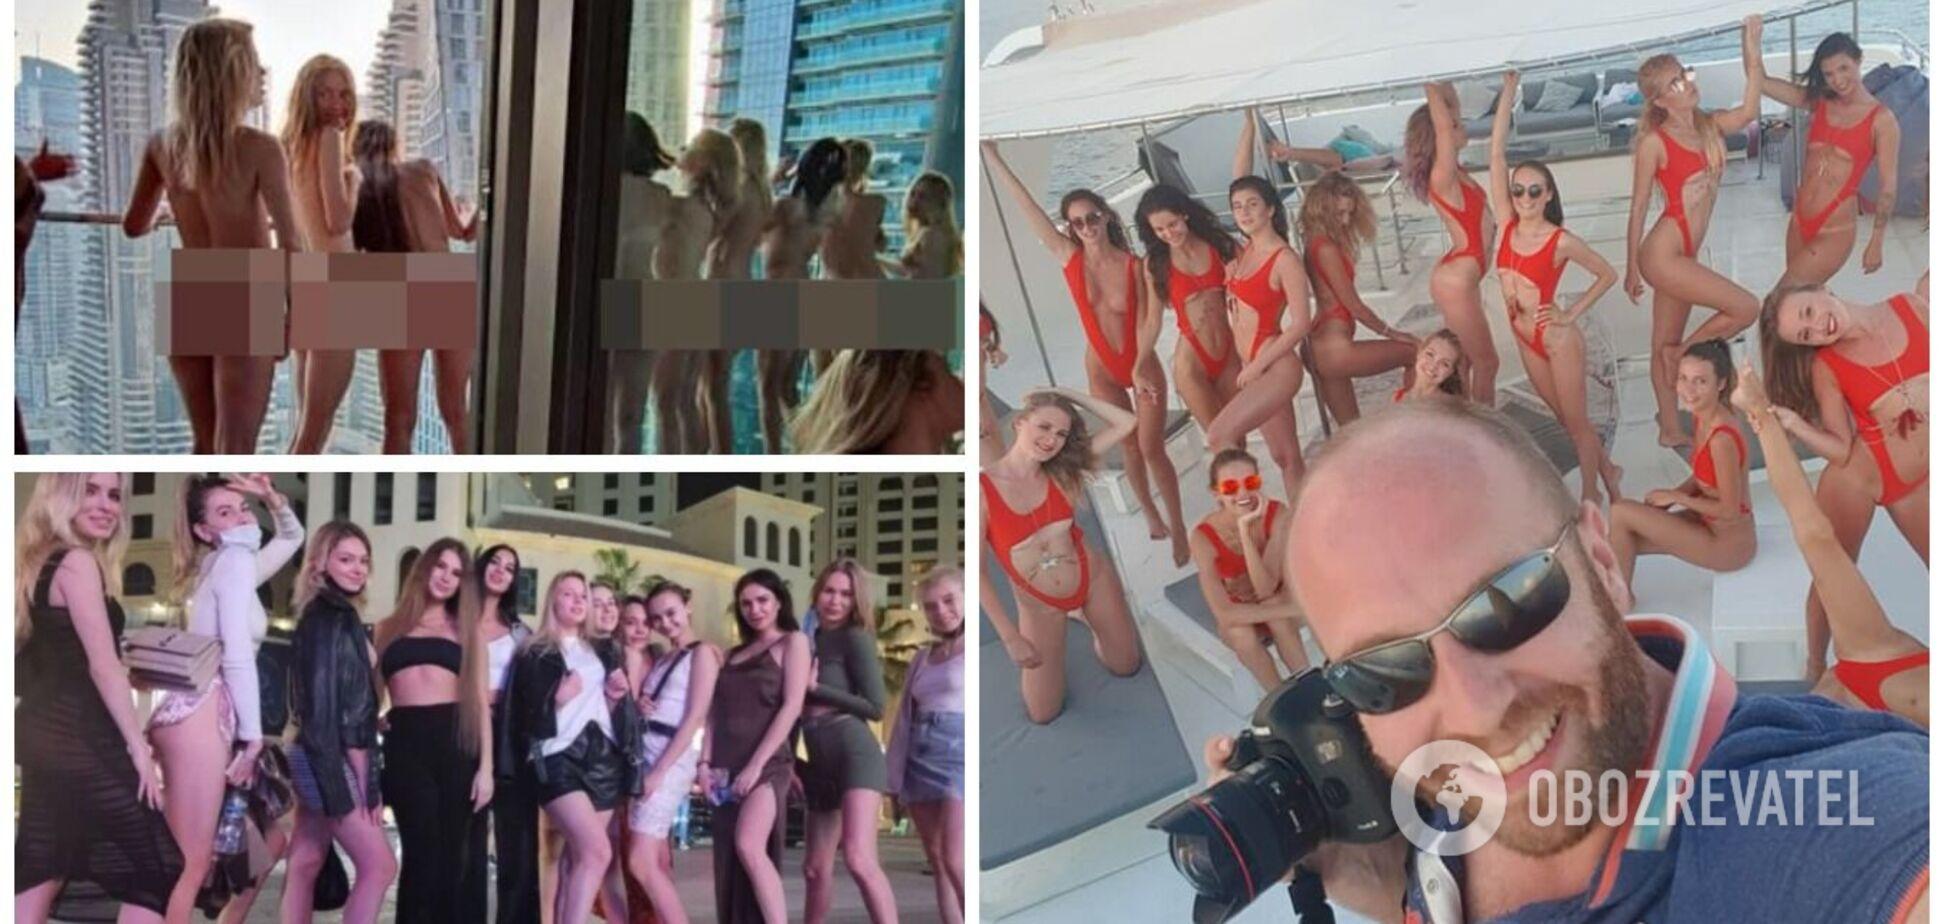 Все о секс-скандале в Дубае: как провинились украинские модели и кто организатор. Фото и видео